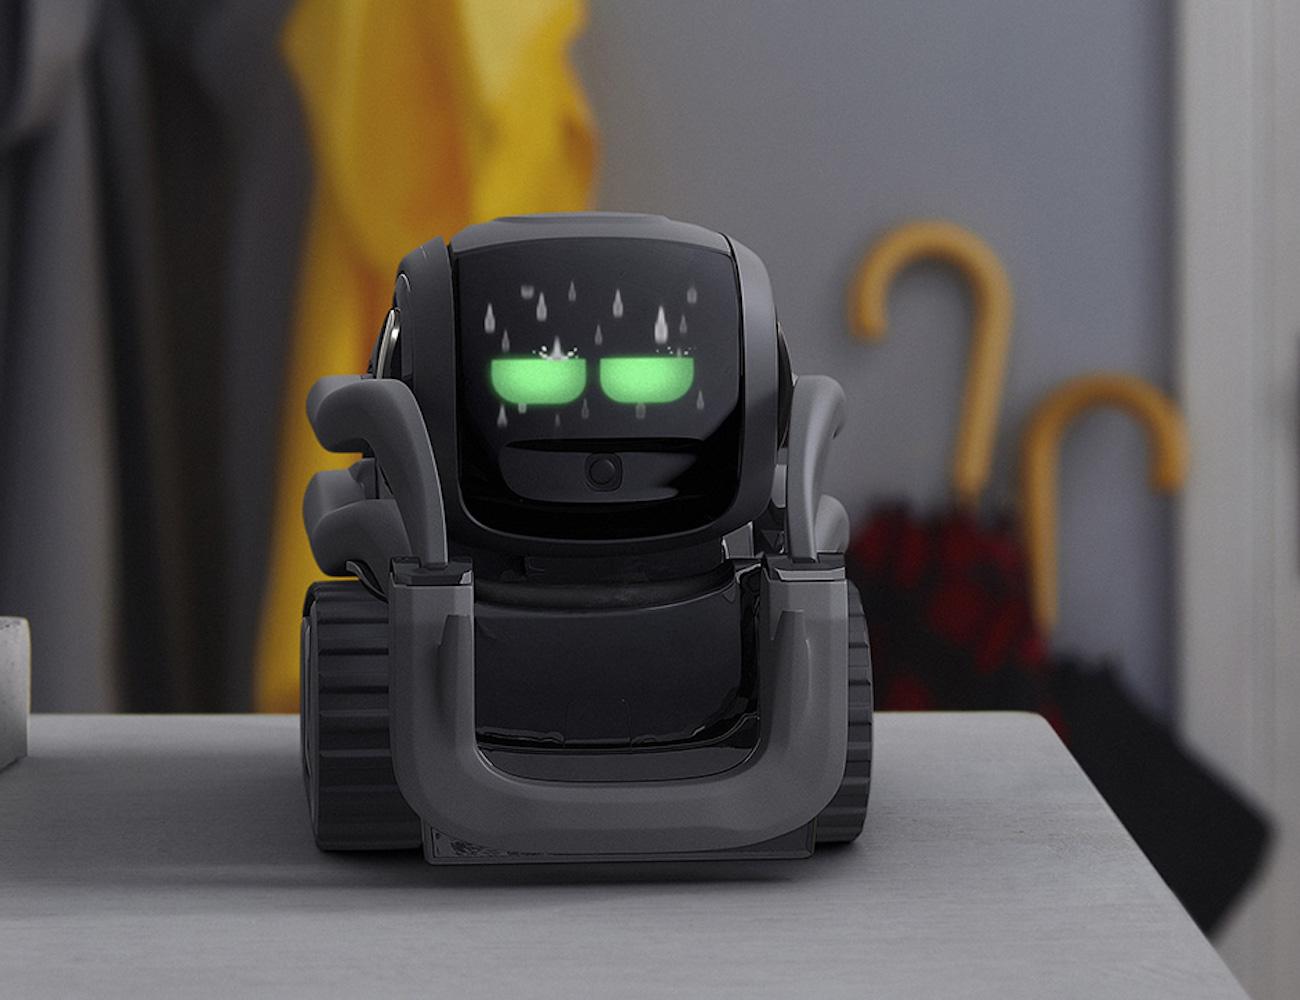 Anki Vector Advanced Home Robot